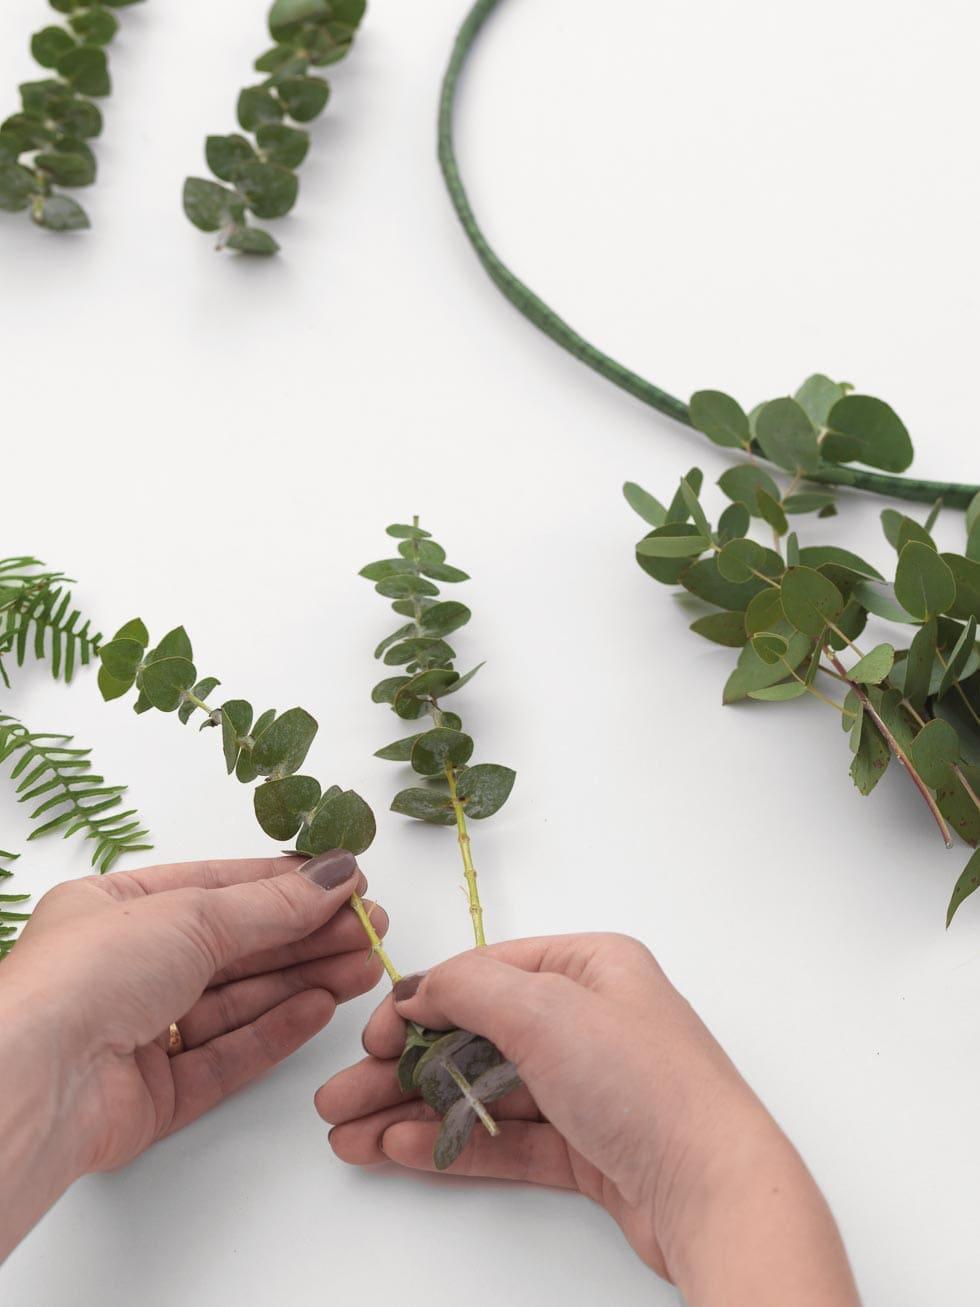 Willkommensschild Blumenkranz selber machen